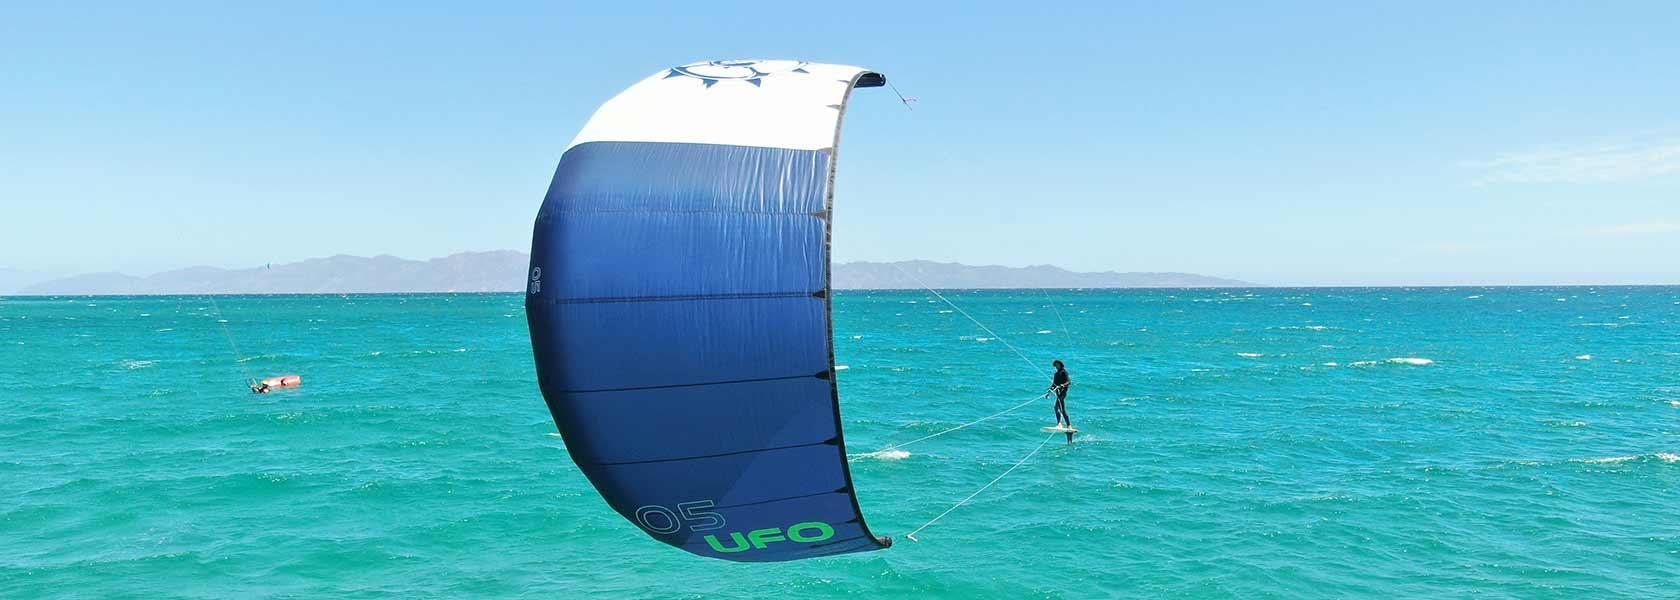 UFO Strutless foil kite